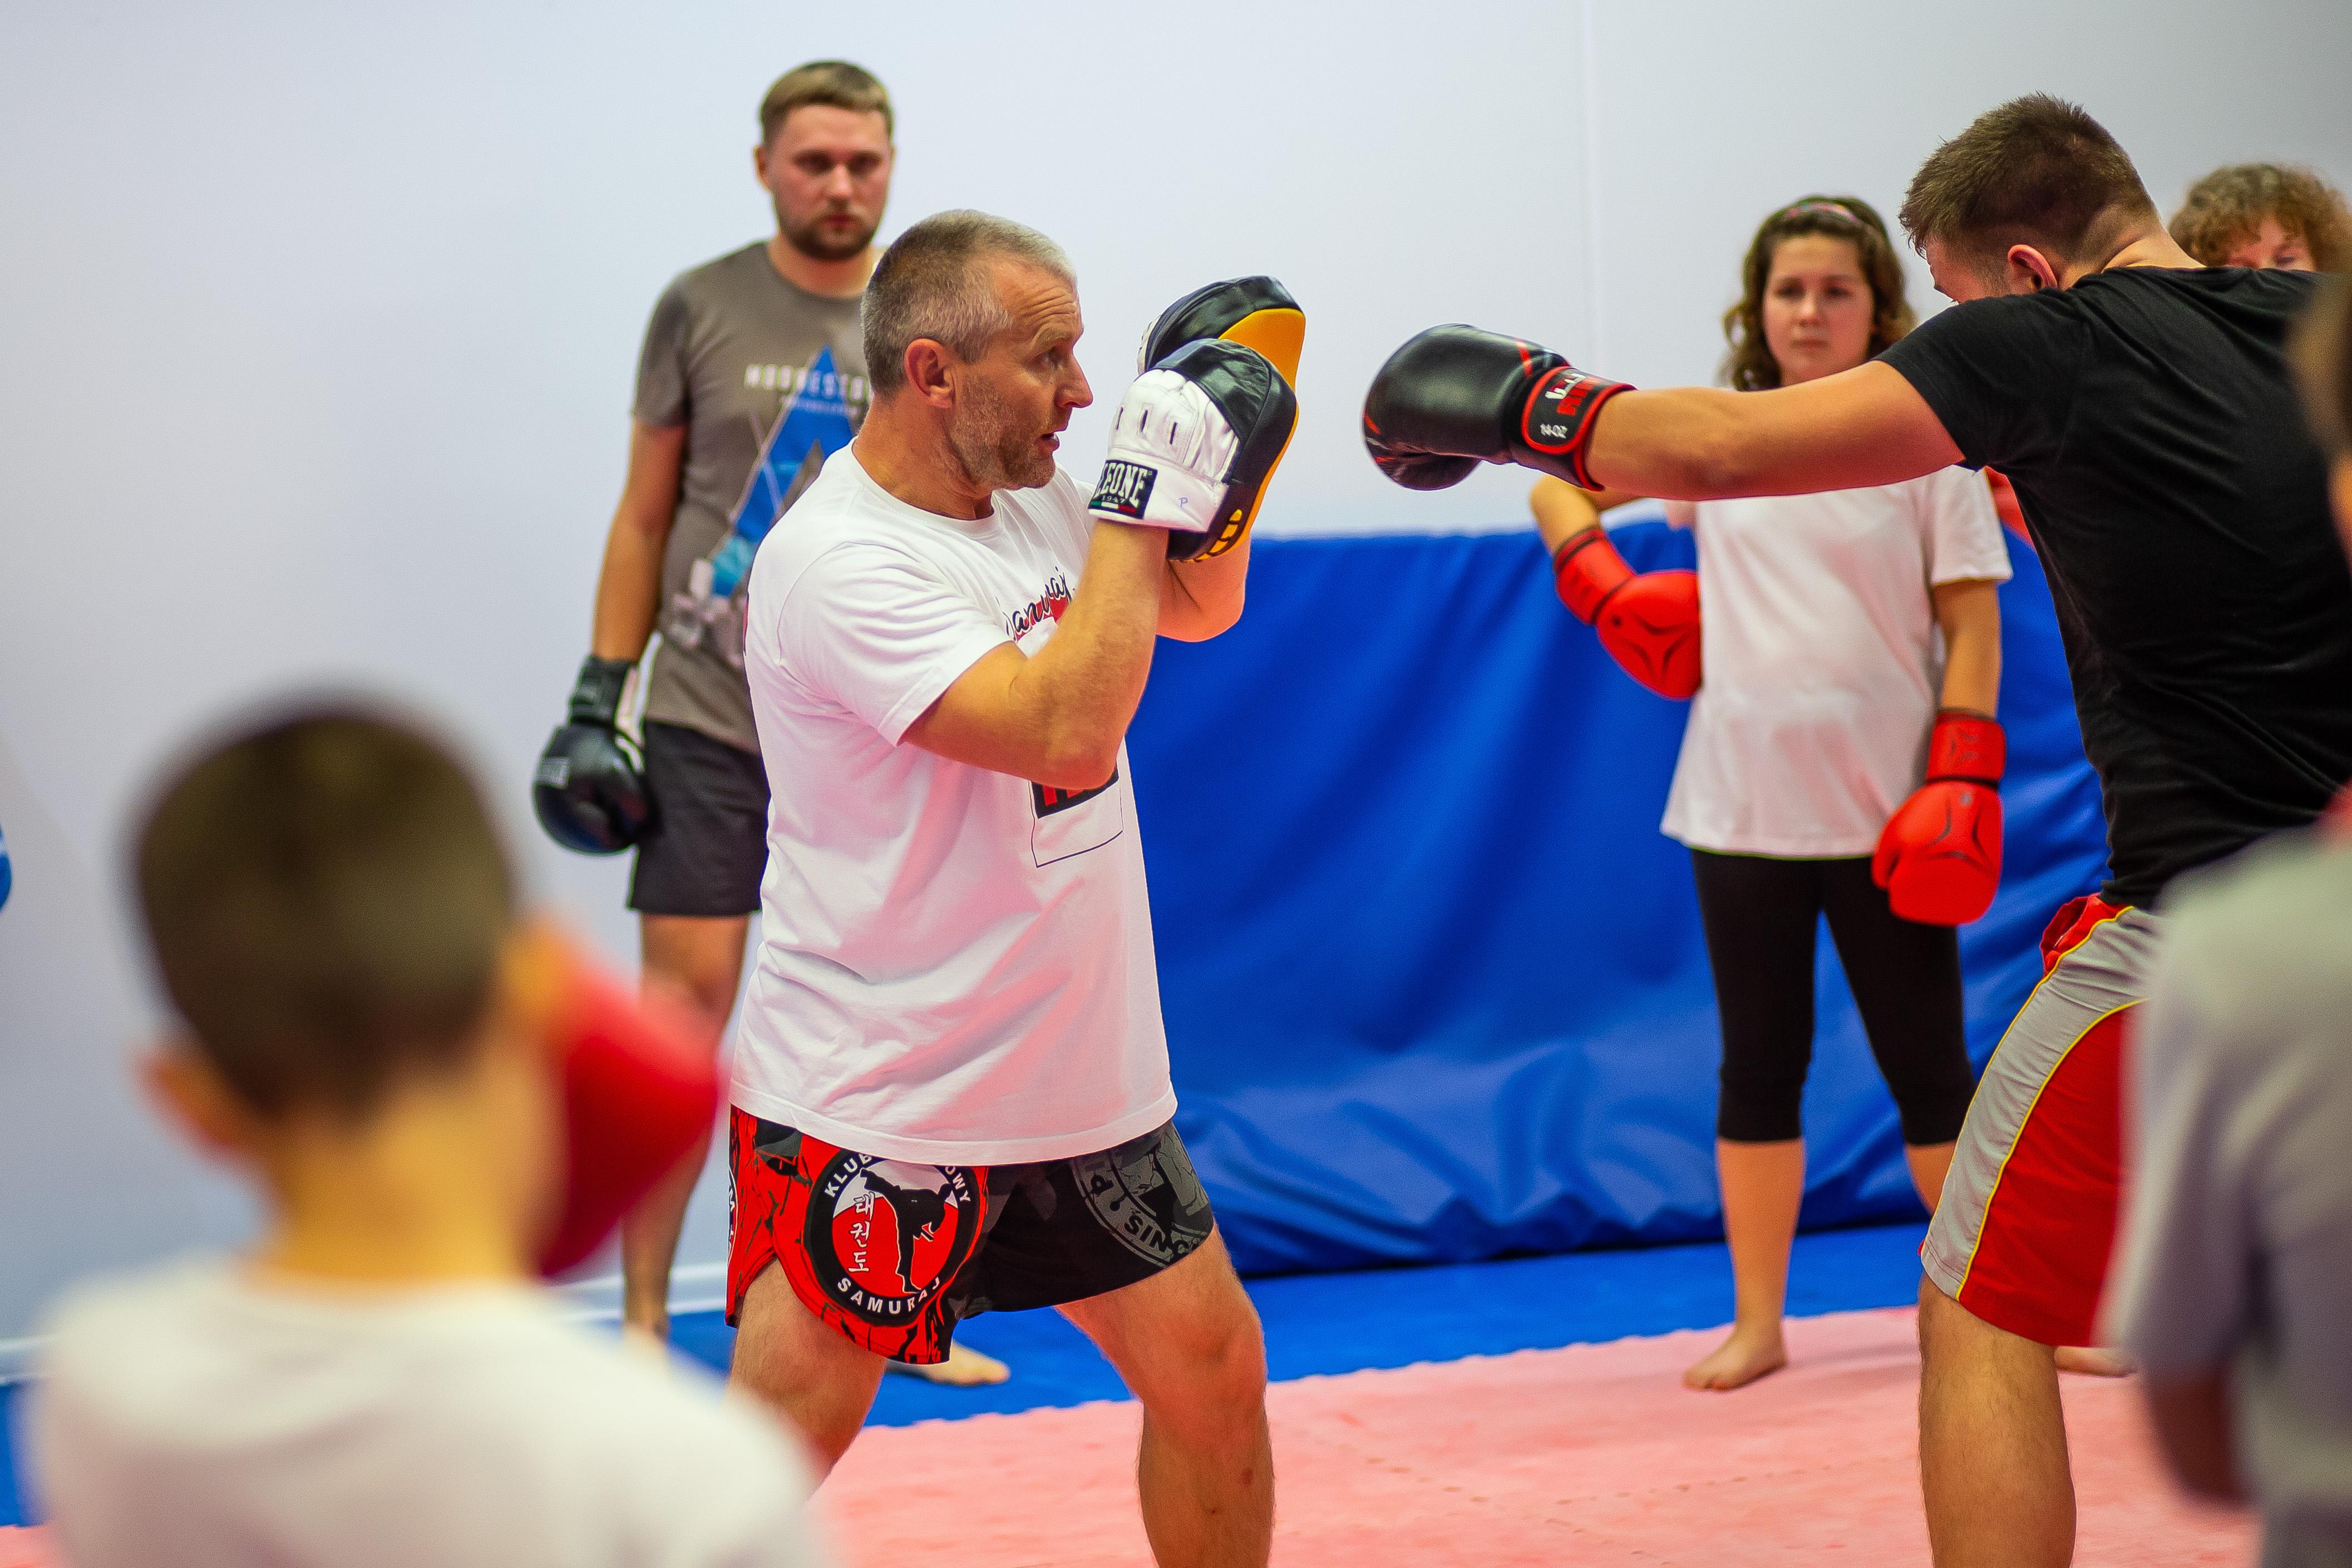 boks dla dzieci, młodzieży i dorosłych we wrocławiu multisport